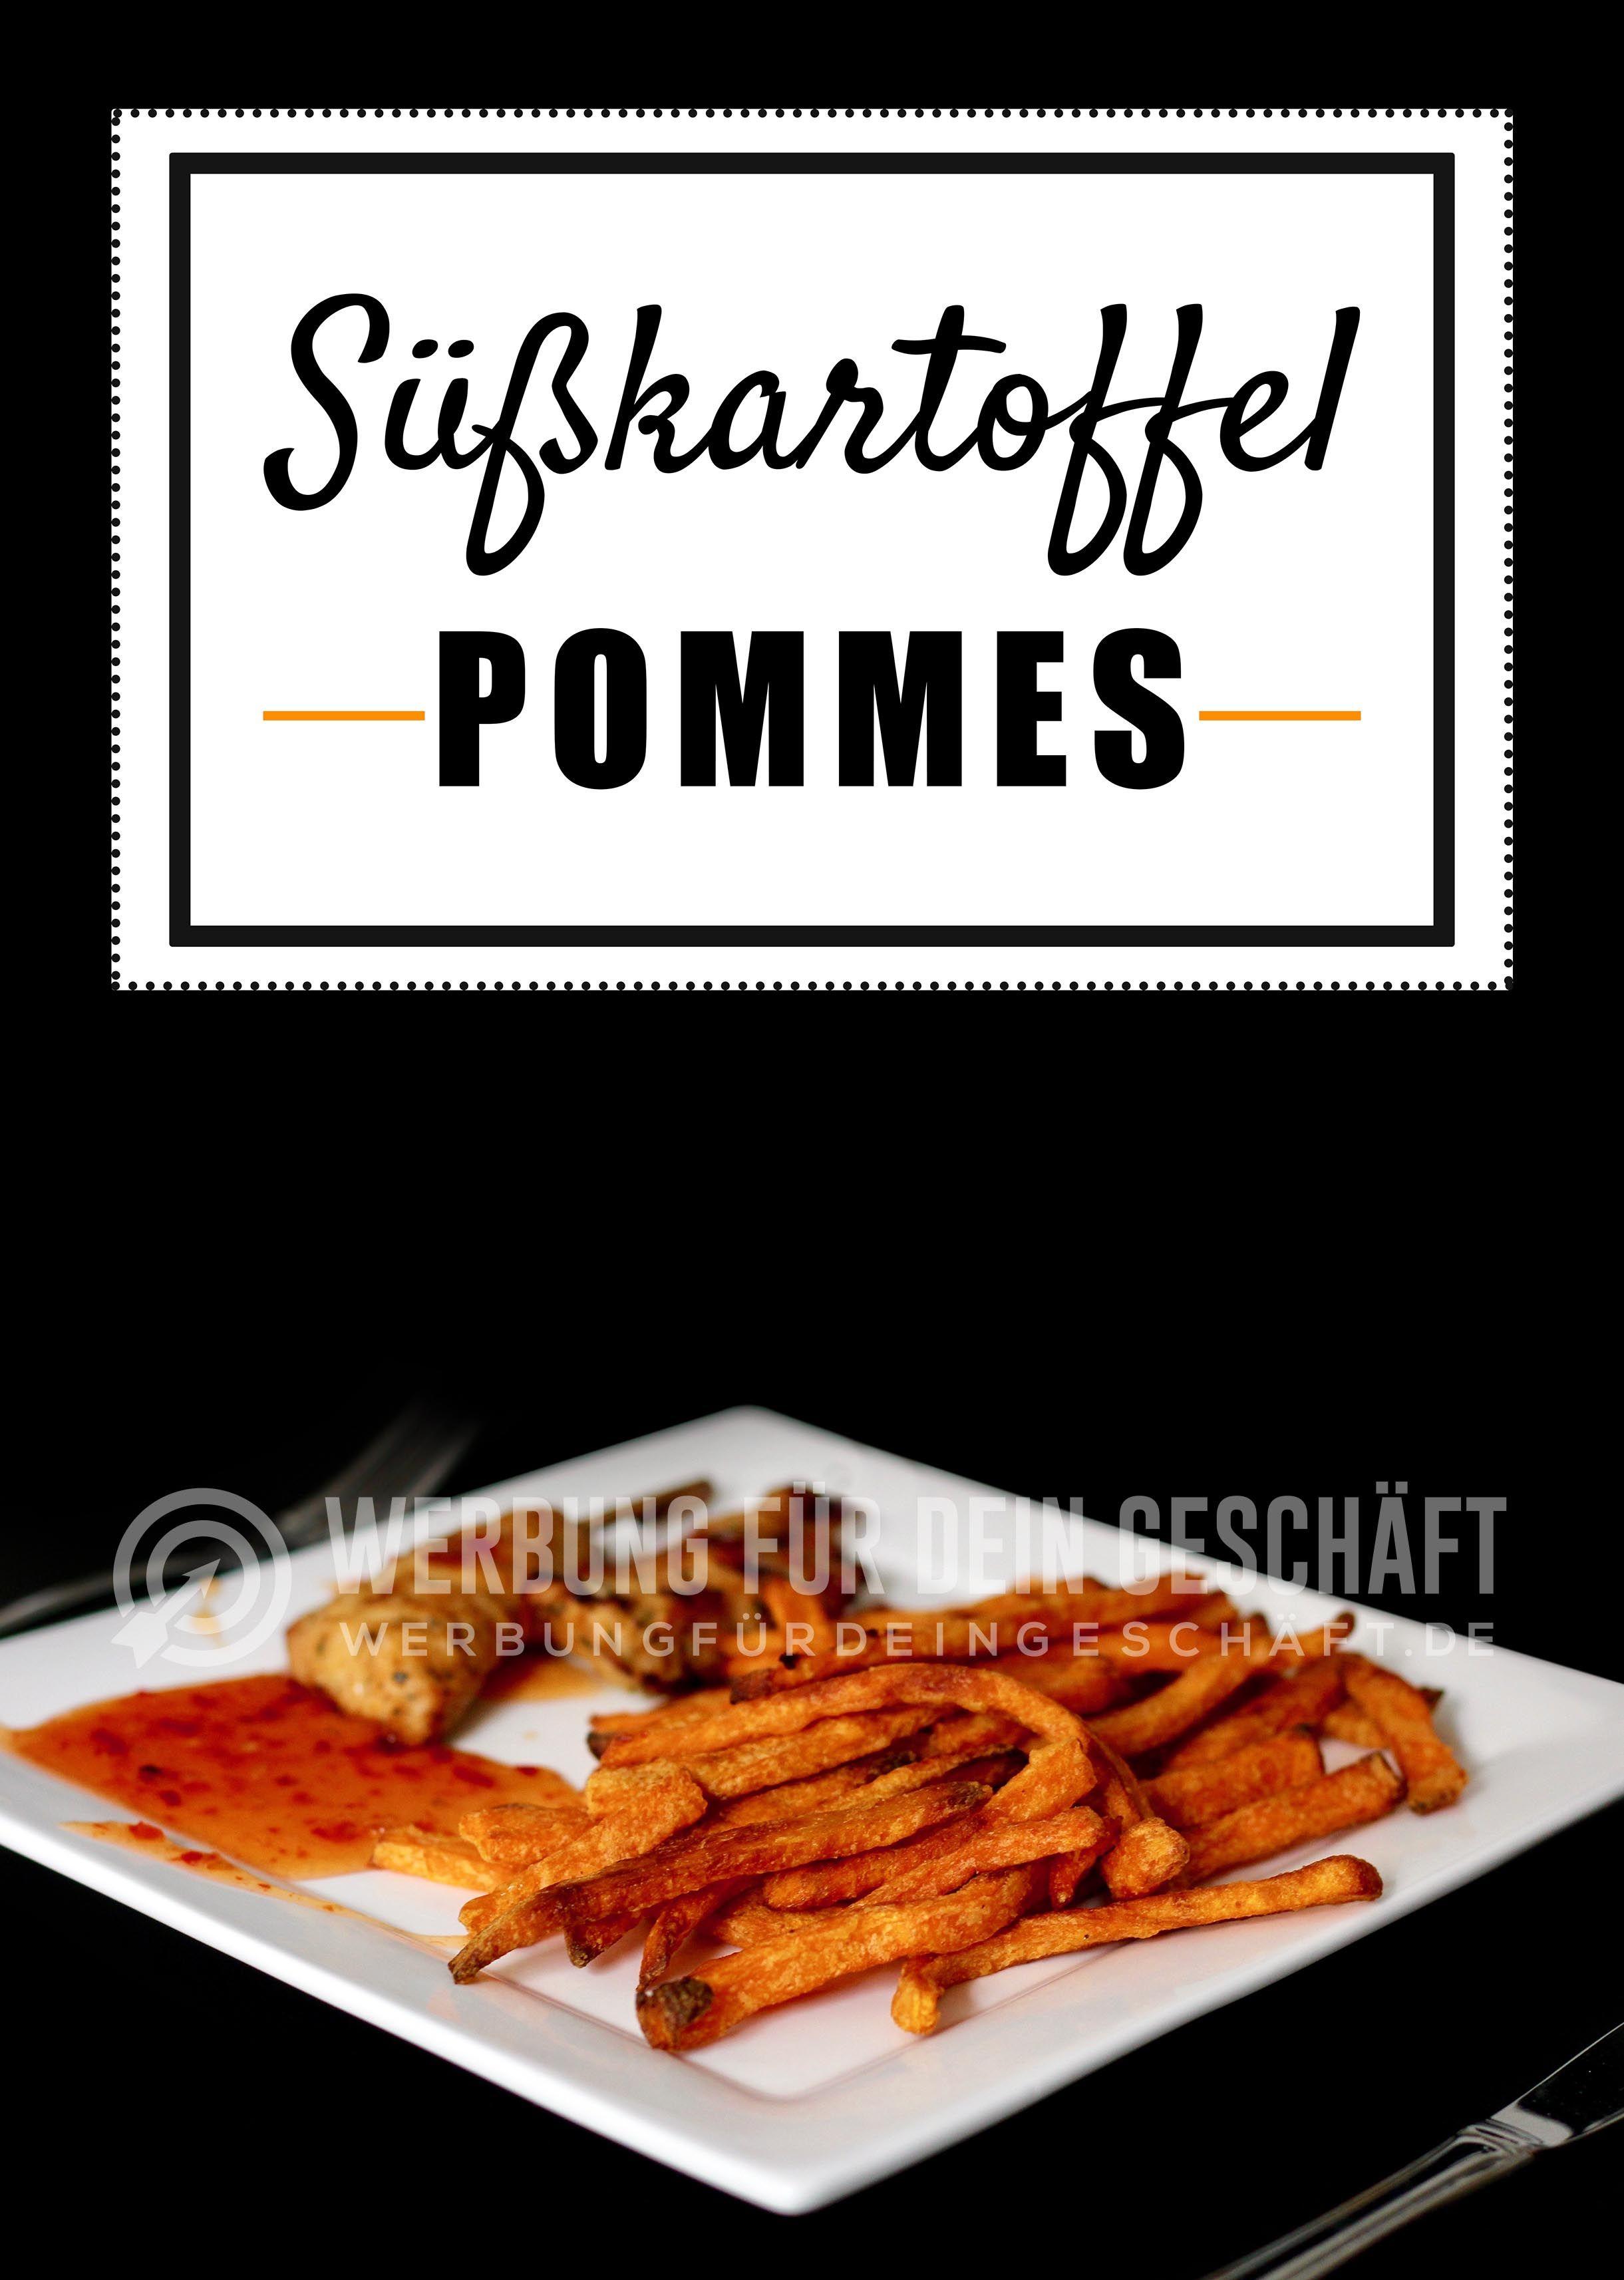 Susskartoffel Pommes Poster Plakat Auch In Din A 3 Einfache Gerichte Kulinarisch Susskartoffelpommes